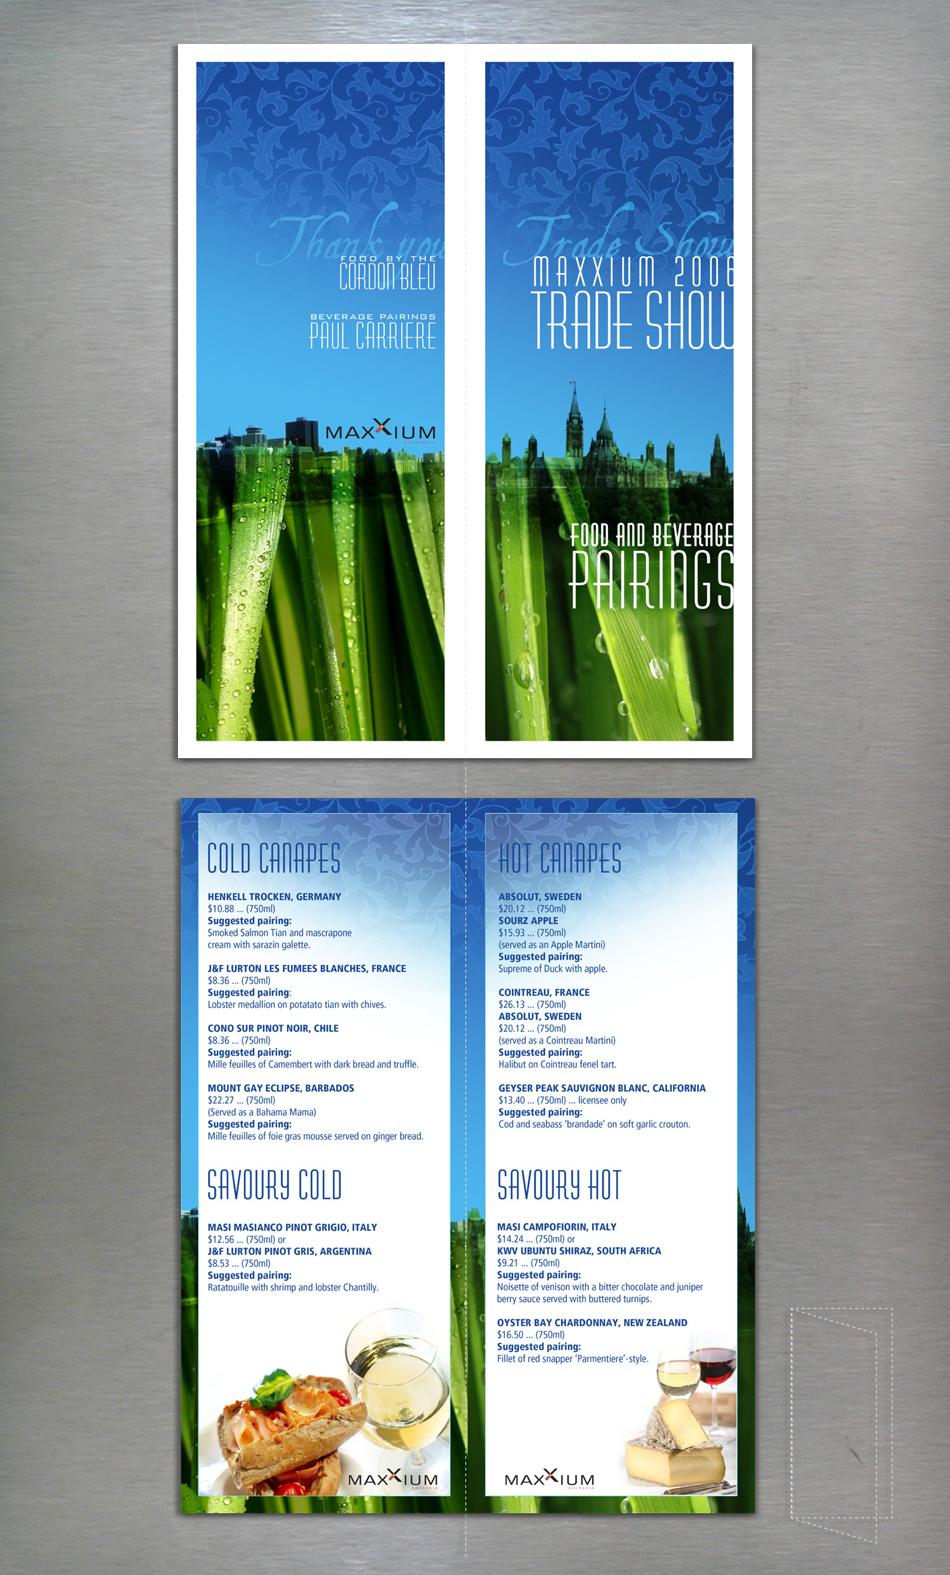 Maxxium liquor company - menu design